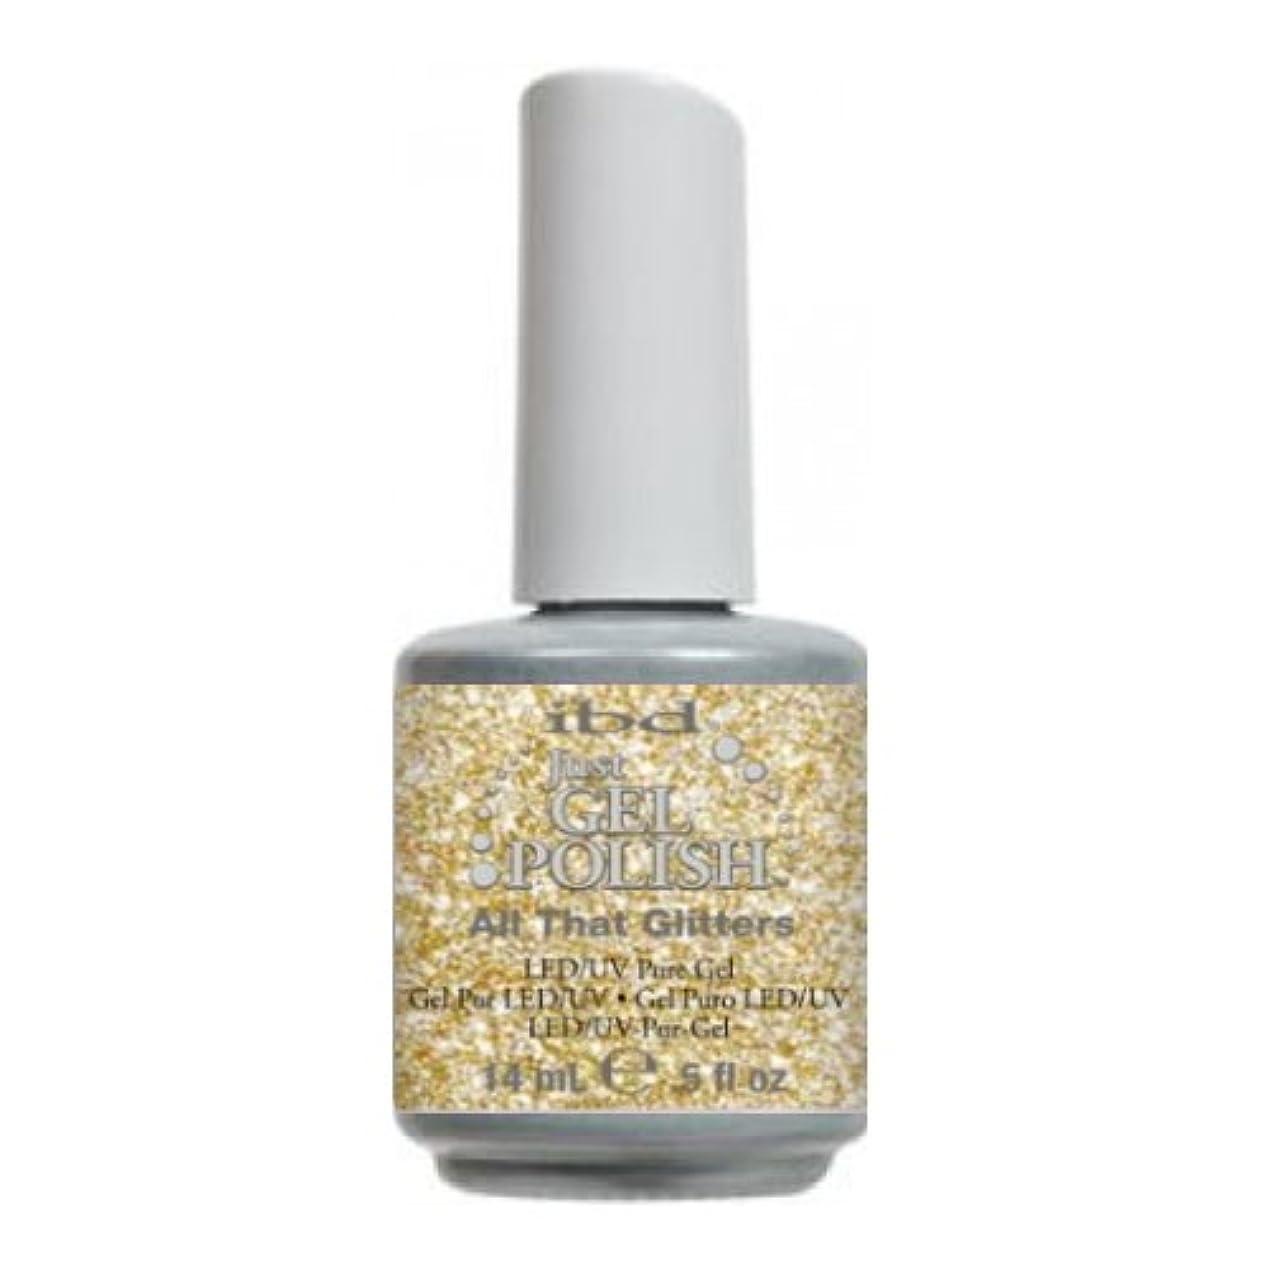 興奮する信じられないピース(3 Pack) ibd Just Gel Polish - All That Glitters (並行輸入品)